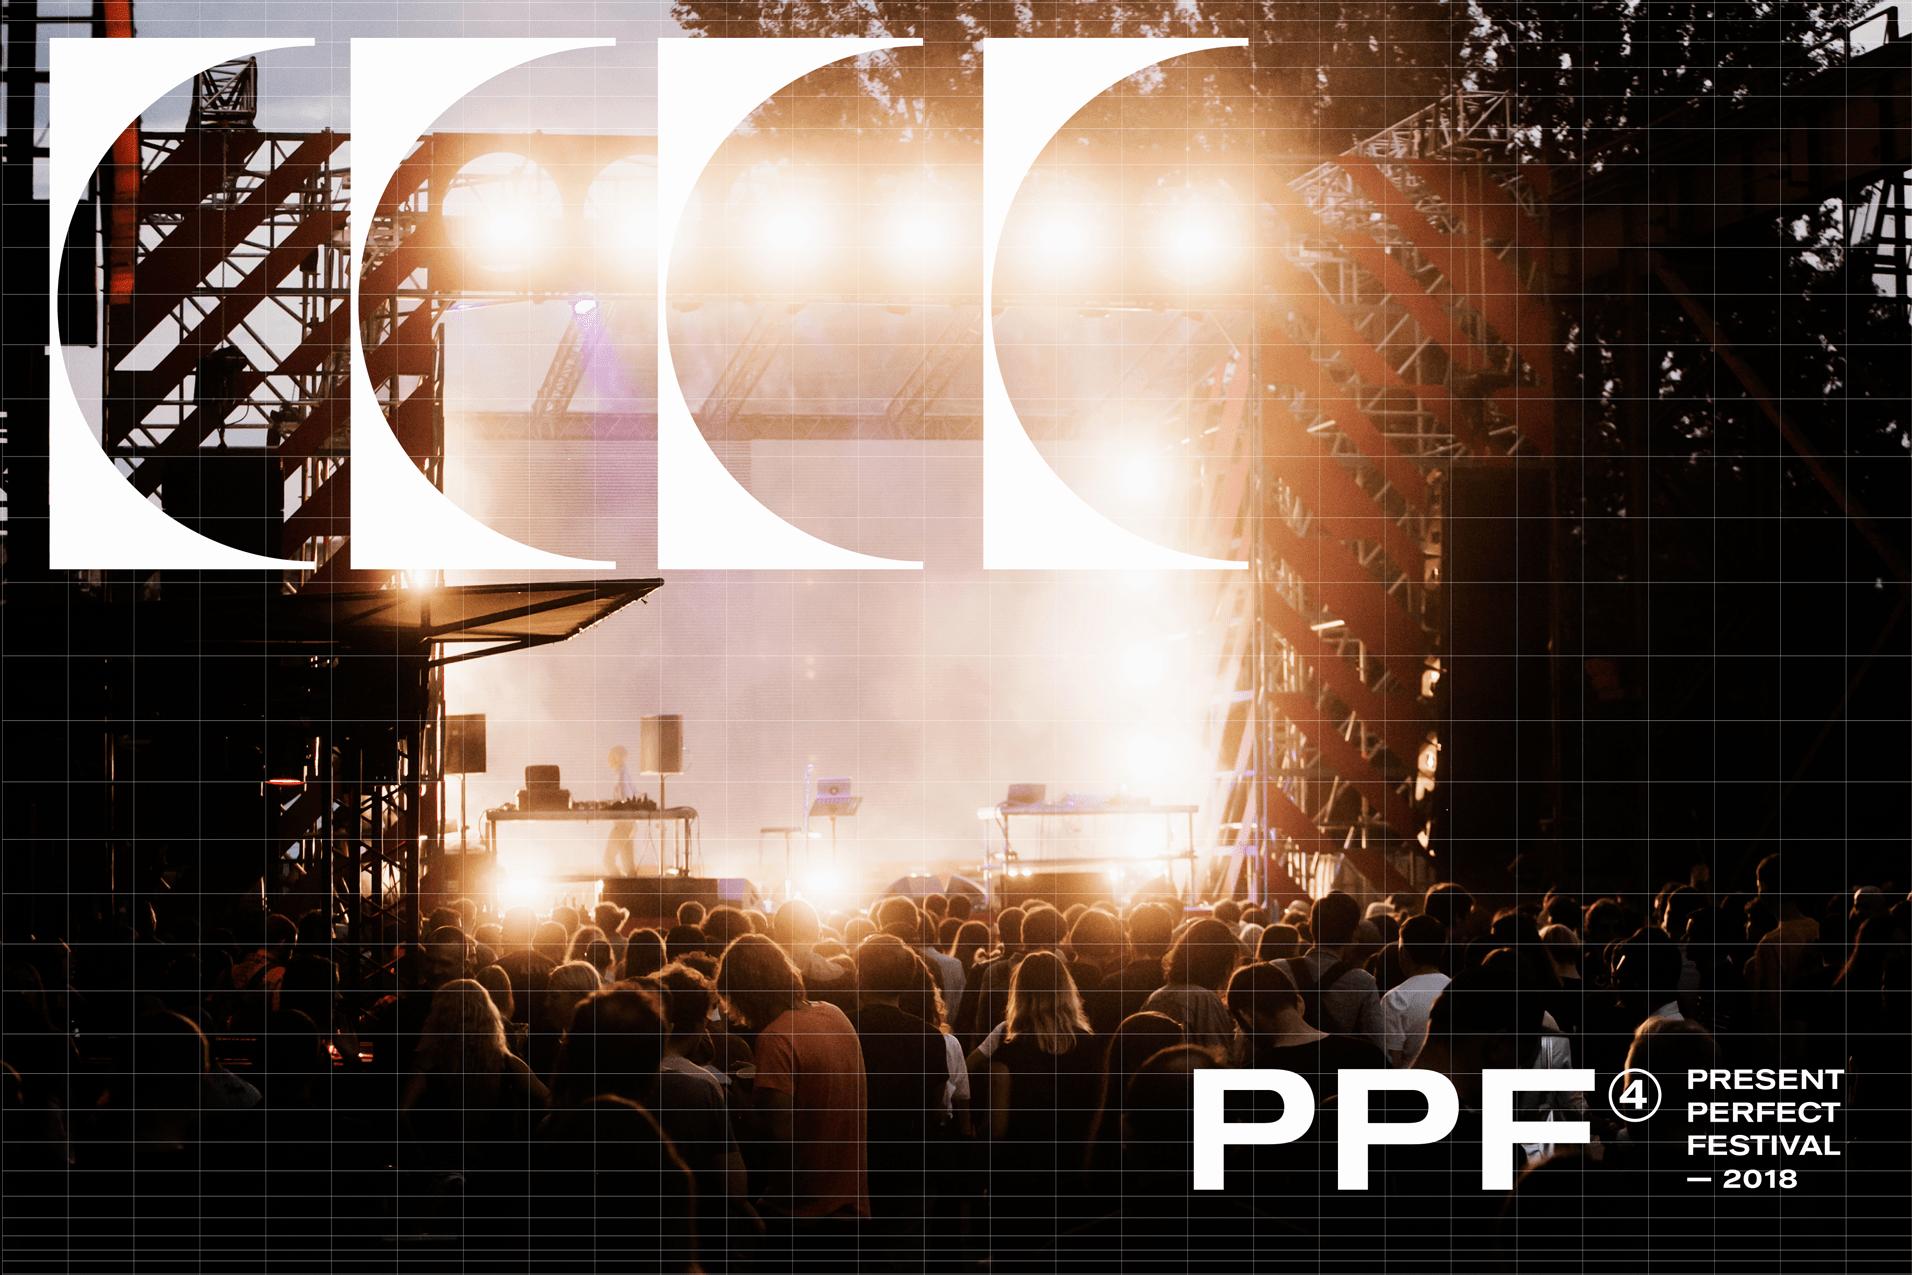 """perfect festival Питер, прием! 27-29 июля в Порту """"Севкабель"""" прогремит Present Perfect Festival MAIN STAGE"""